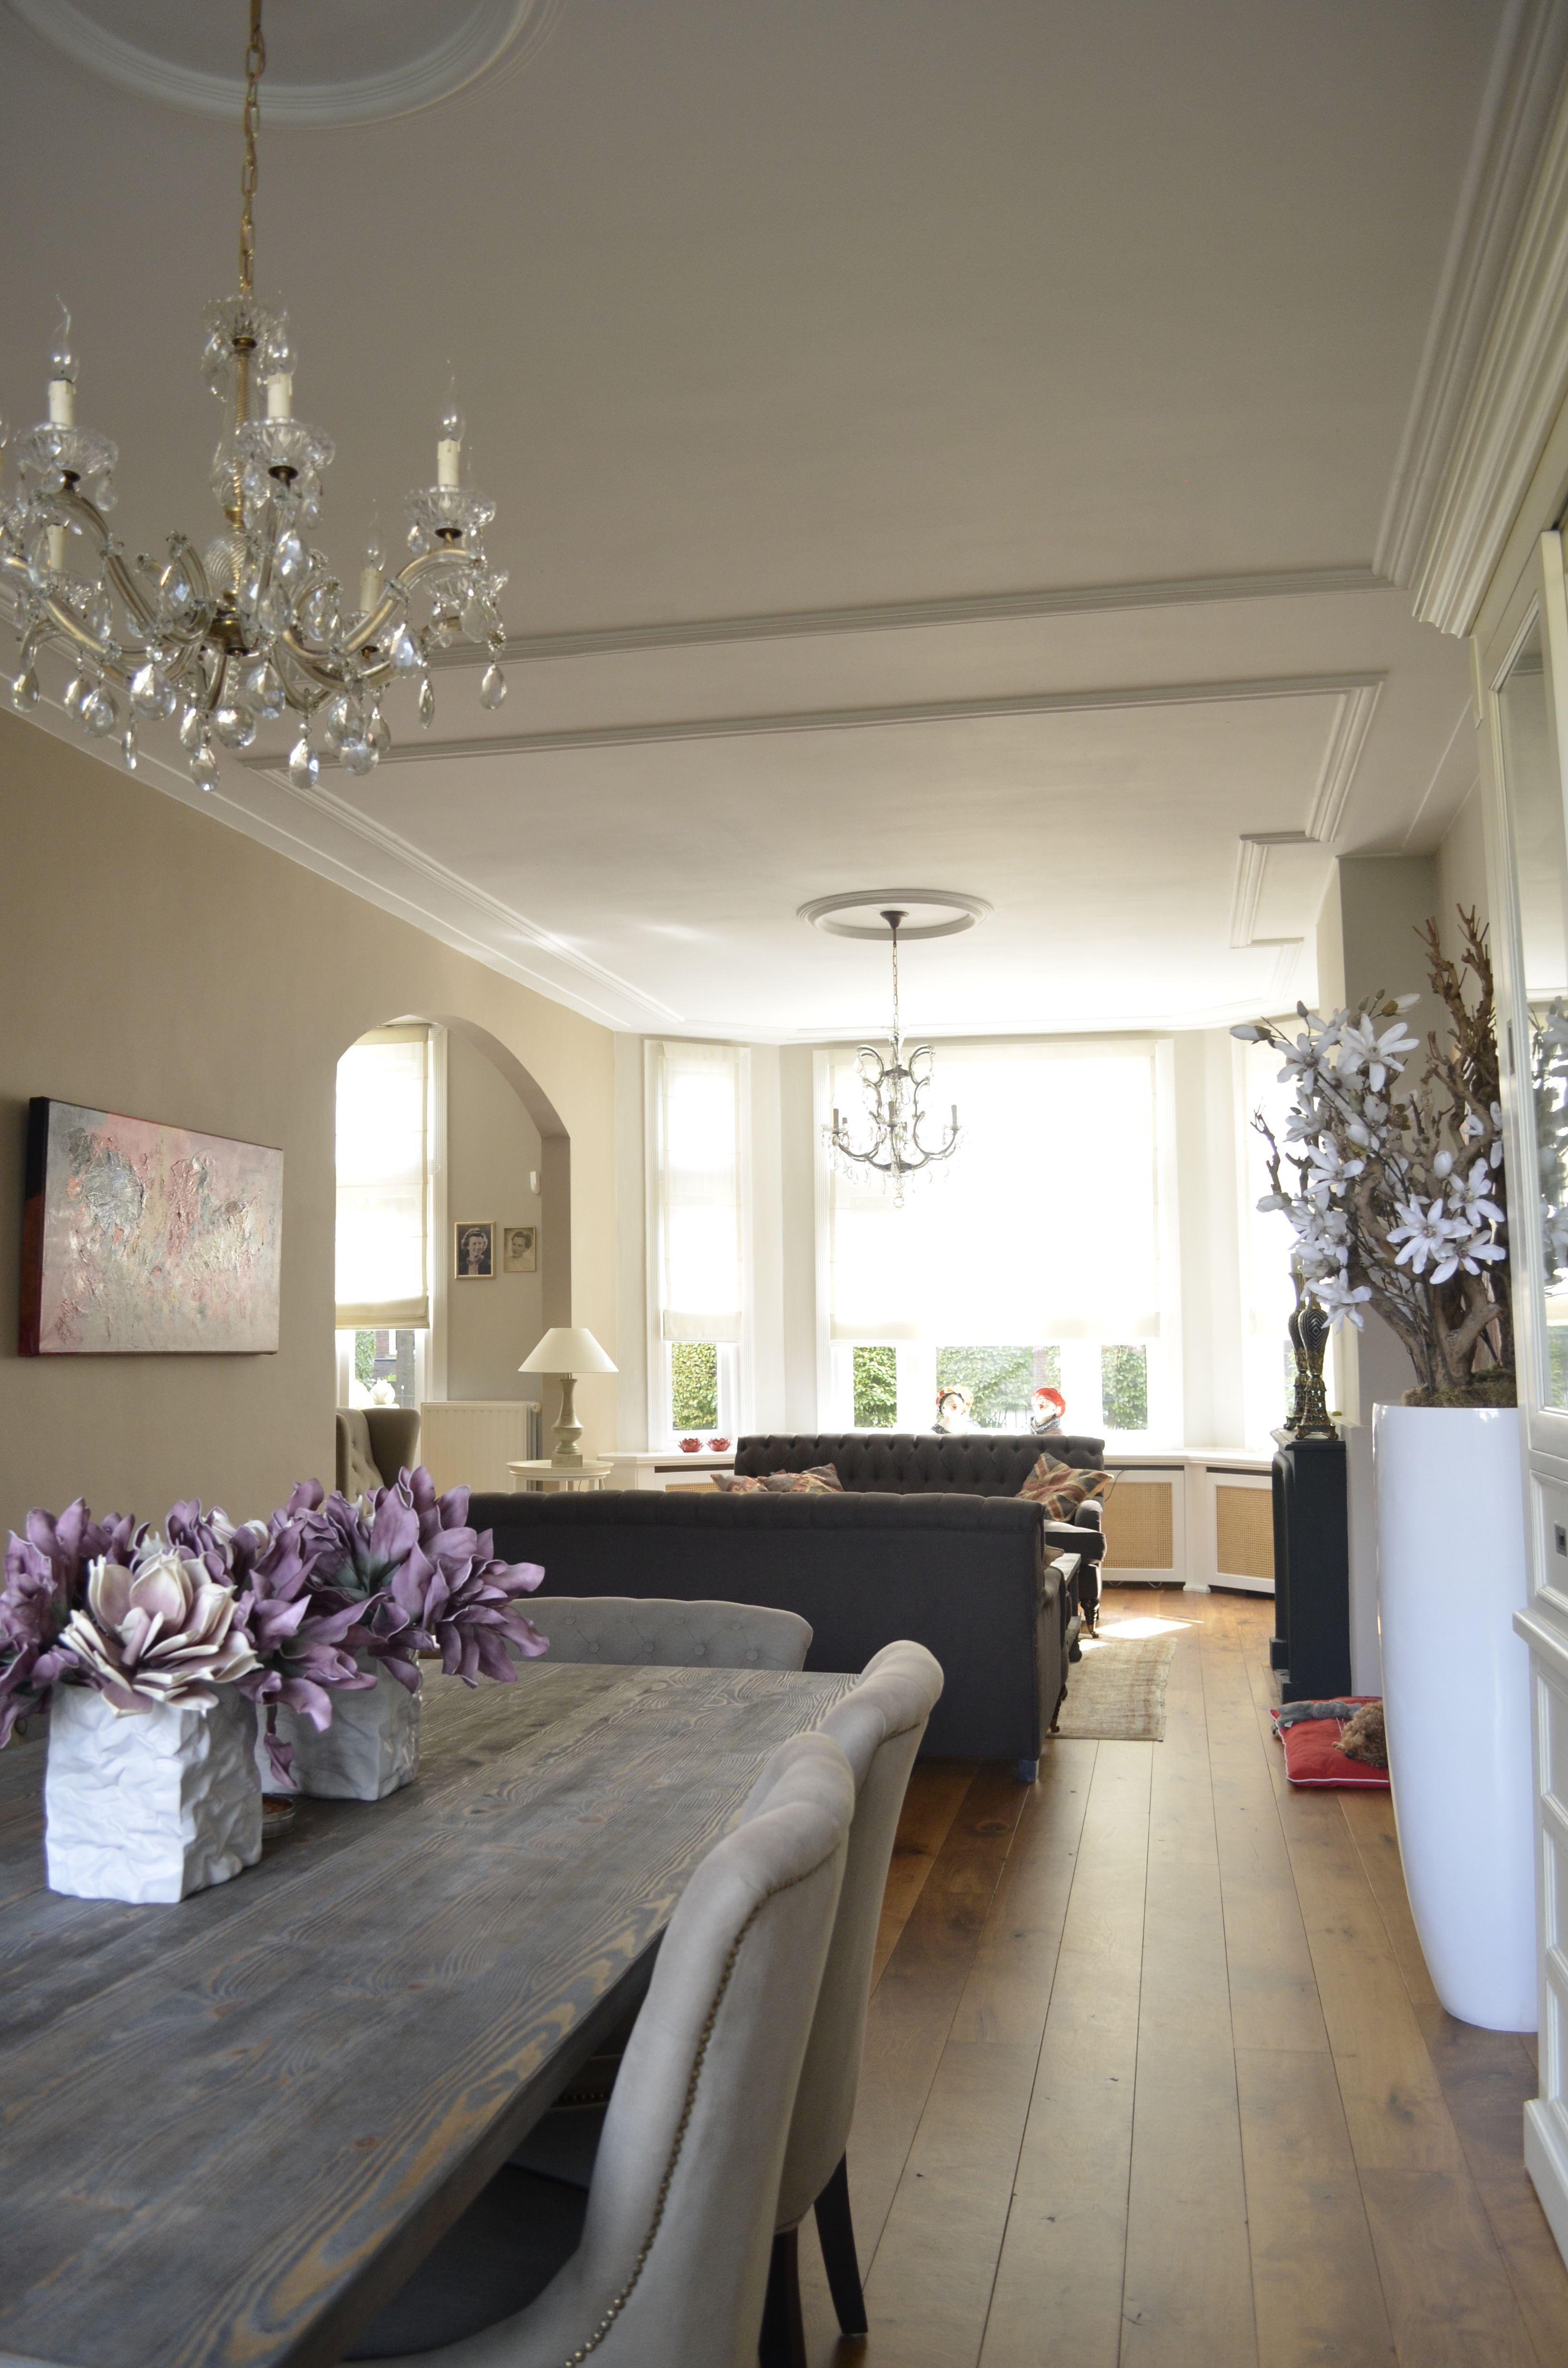 Decoratie ideeen woonkamer - Ideeen van interieurdecoratie ...